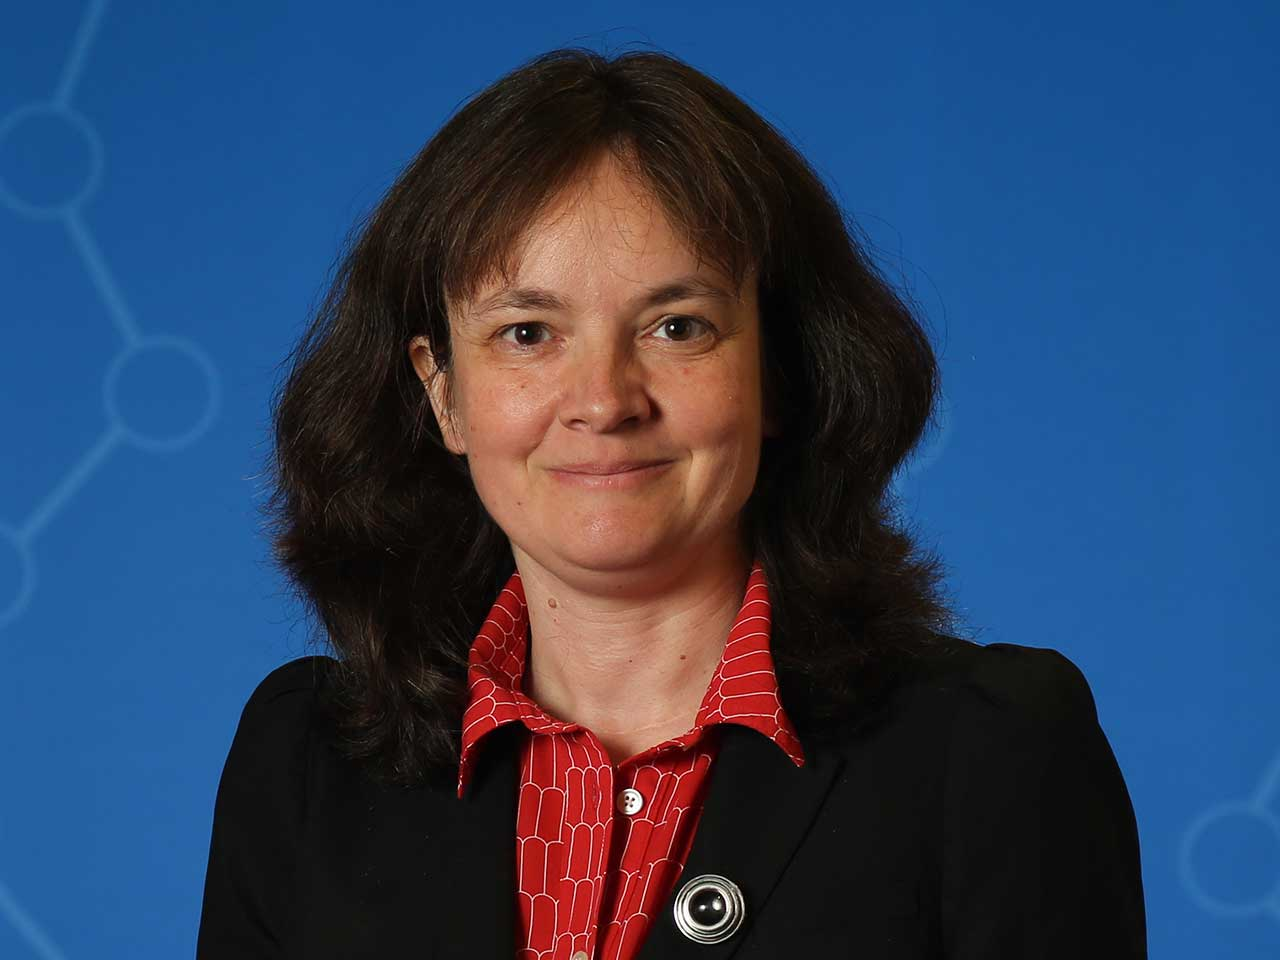 Mikala Egeblad